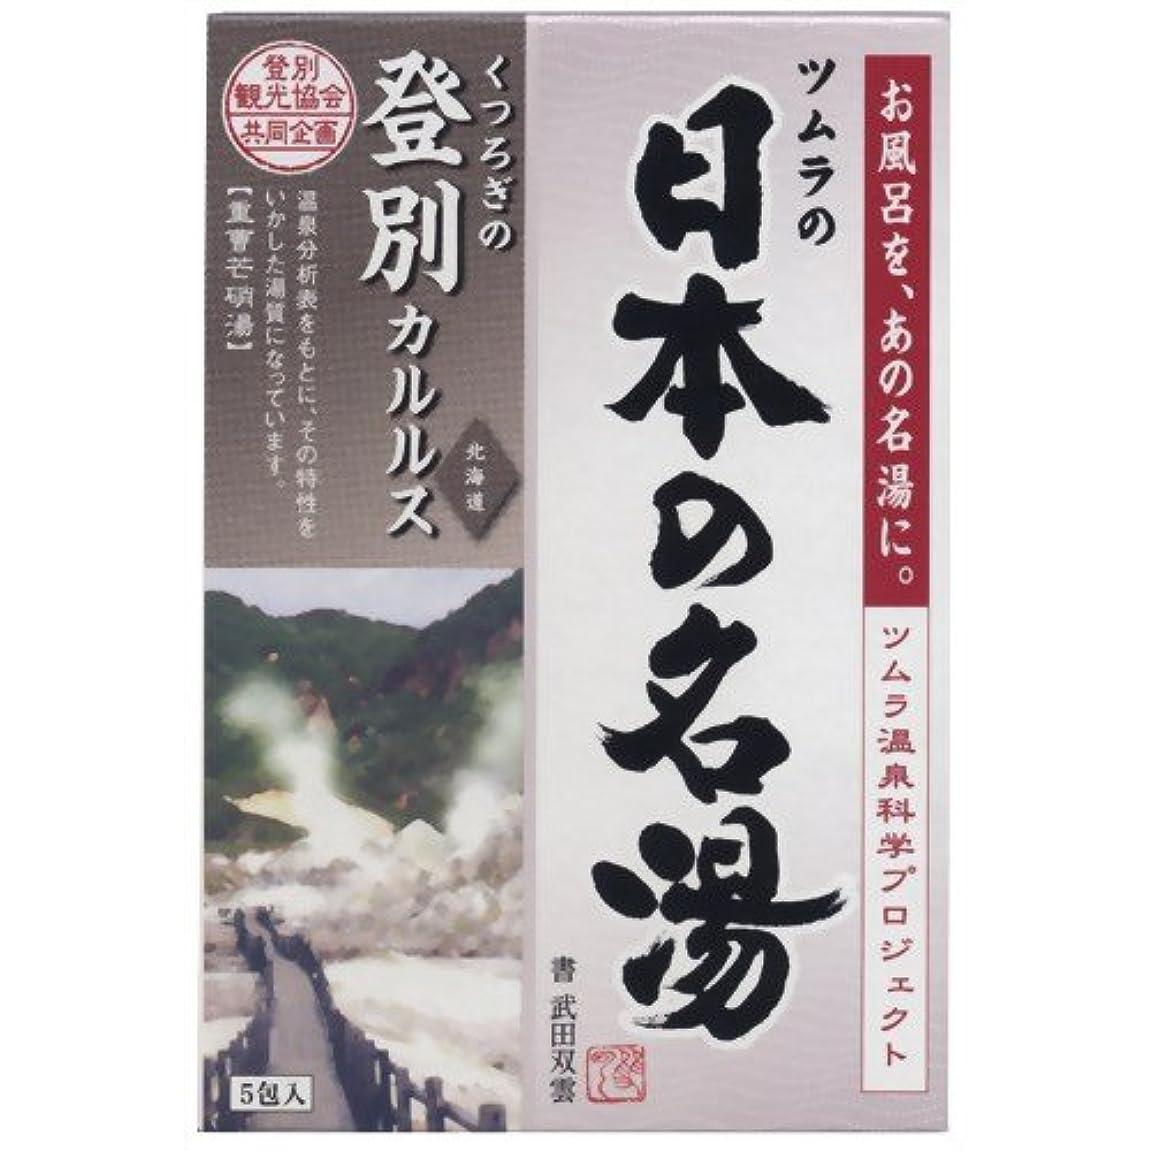 ミスペンド十分にサスペンドバスクリン 日本の名湯 登別カルルス 30g×5包入(入浴剤)×24点セット (4548514135451)